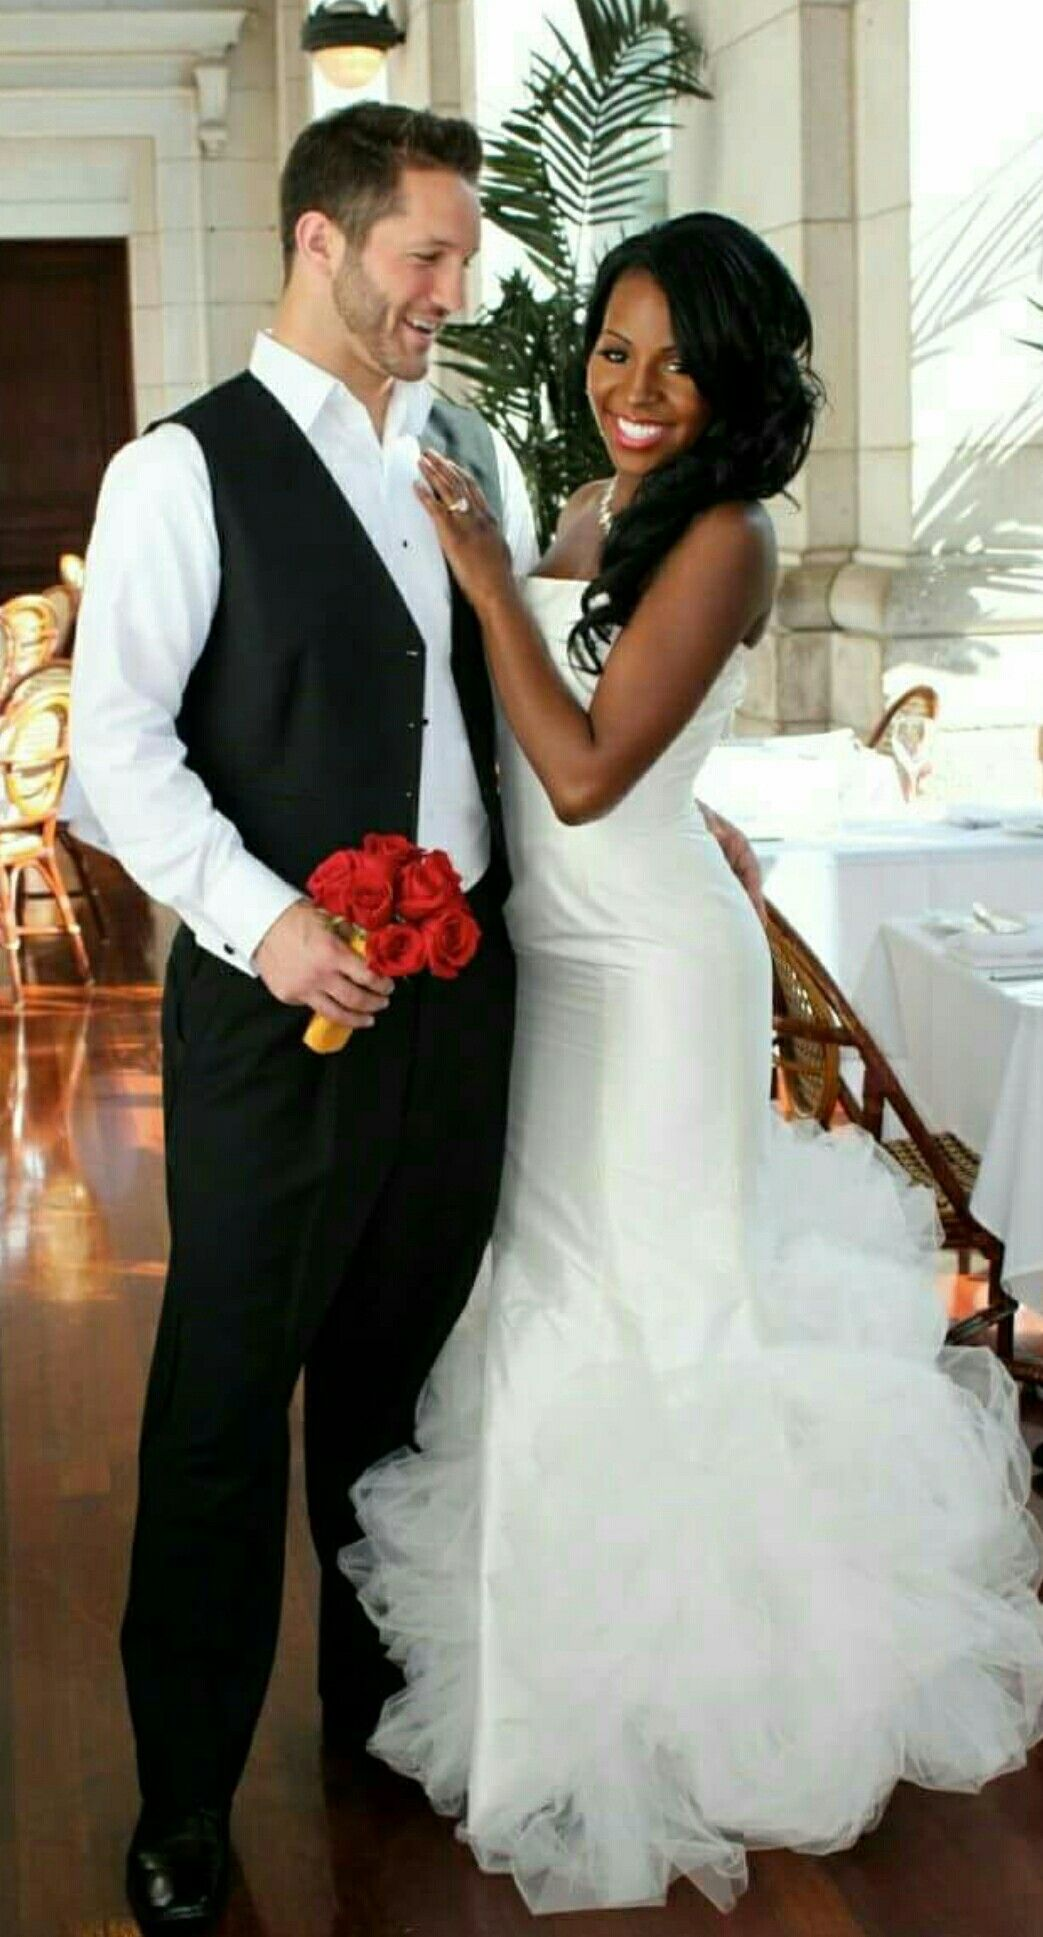 Krasen Interracial Par Wedding Photography ljubezen-1797